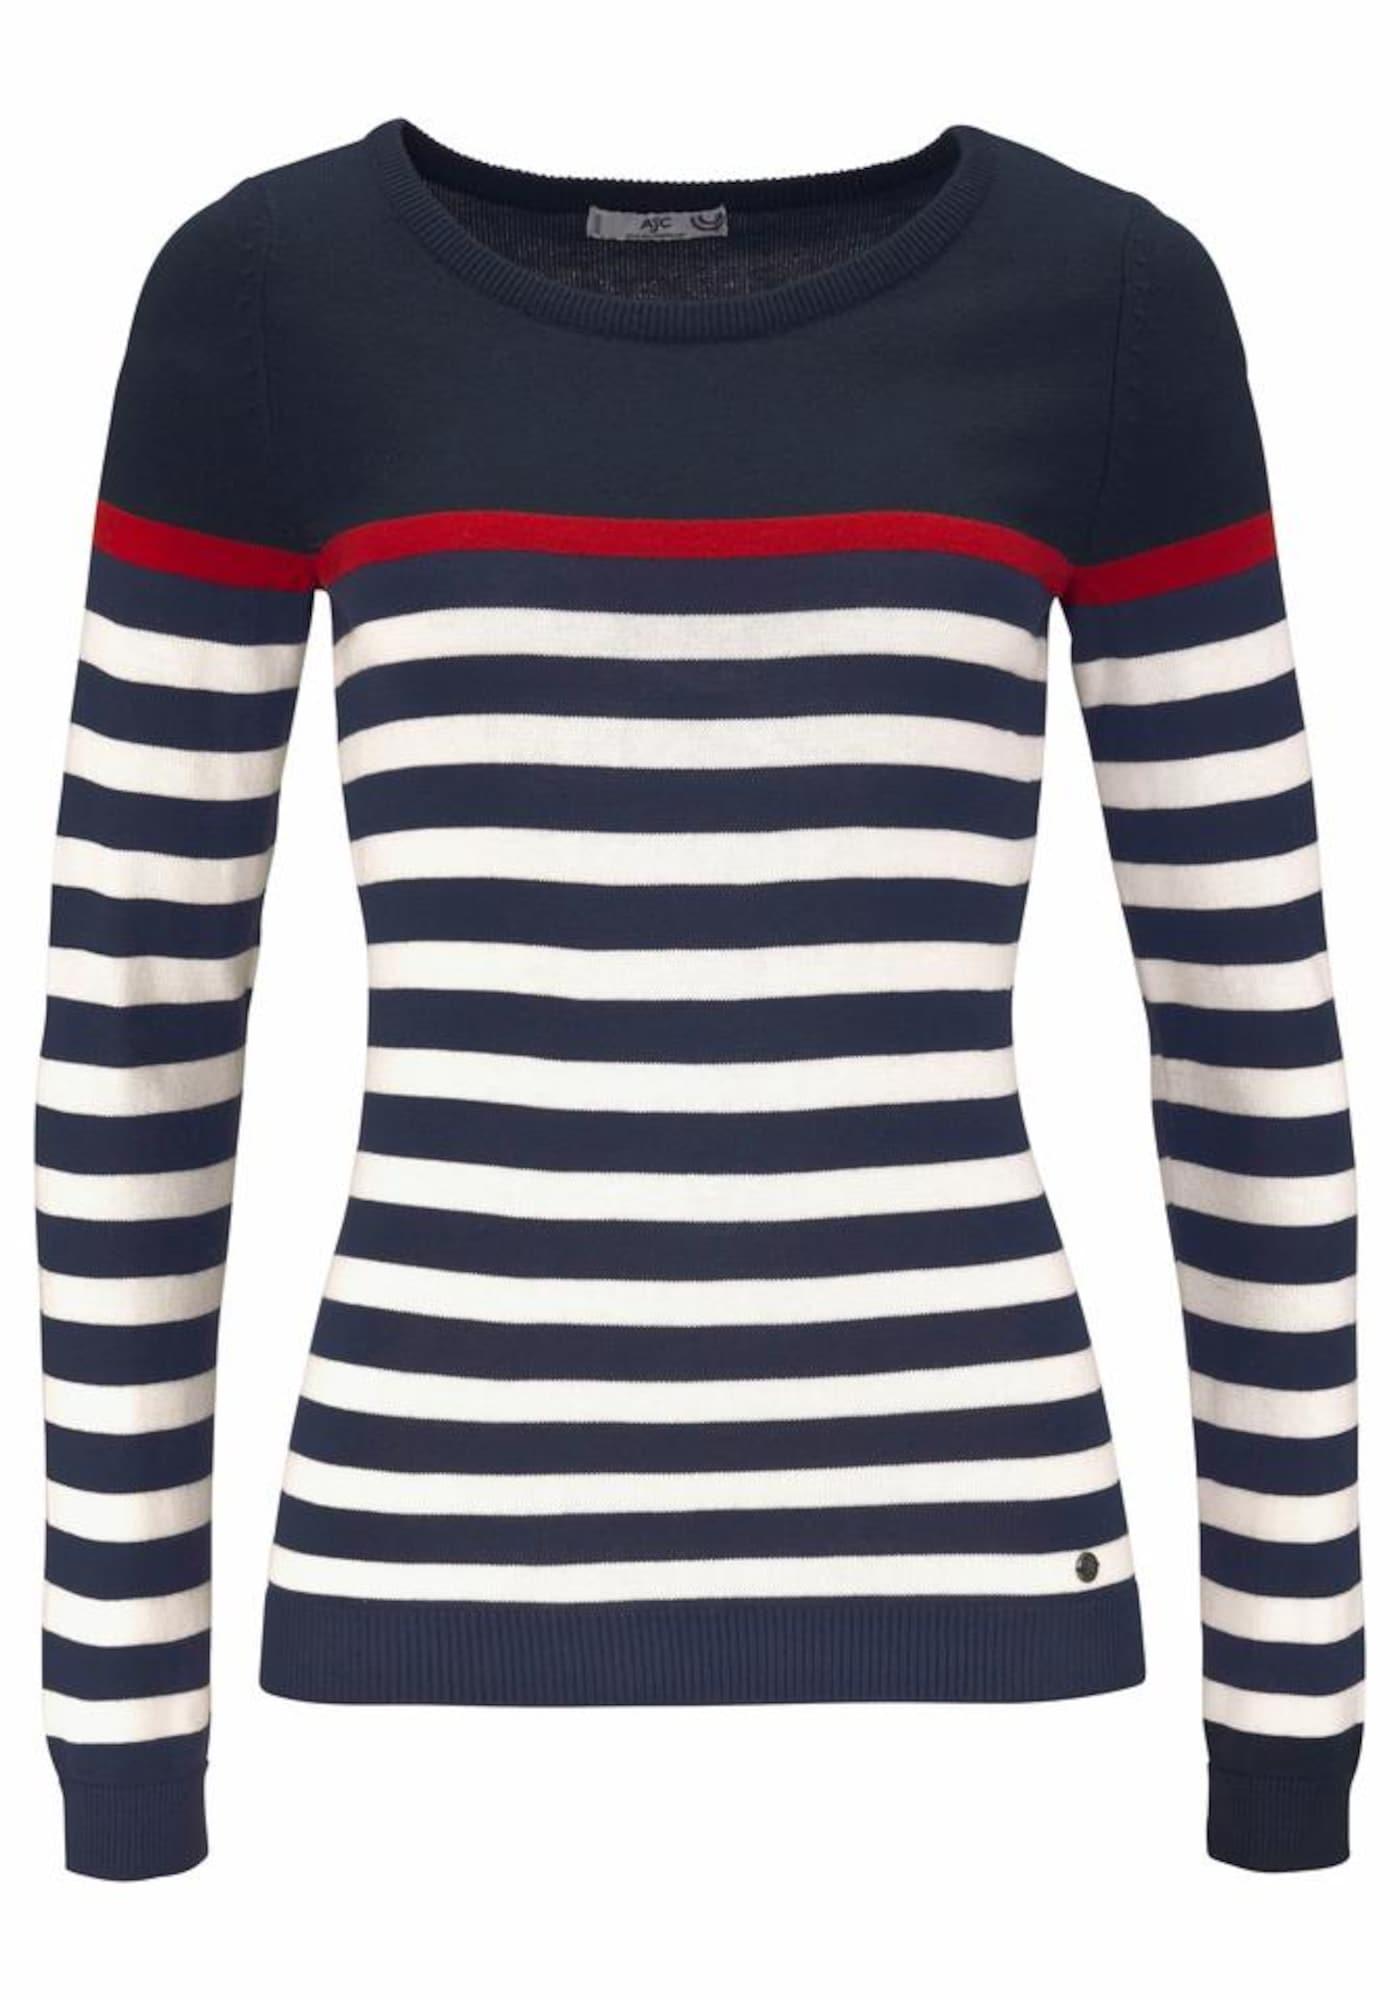 Streifenpullover | Bekleidung > Pullover > Streifenpullover | AJC